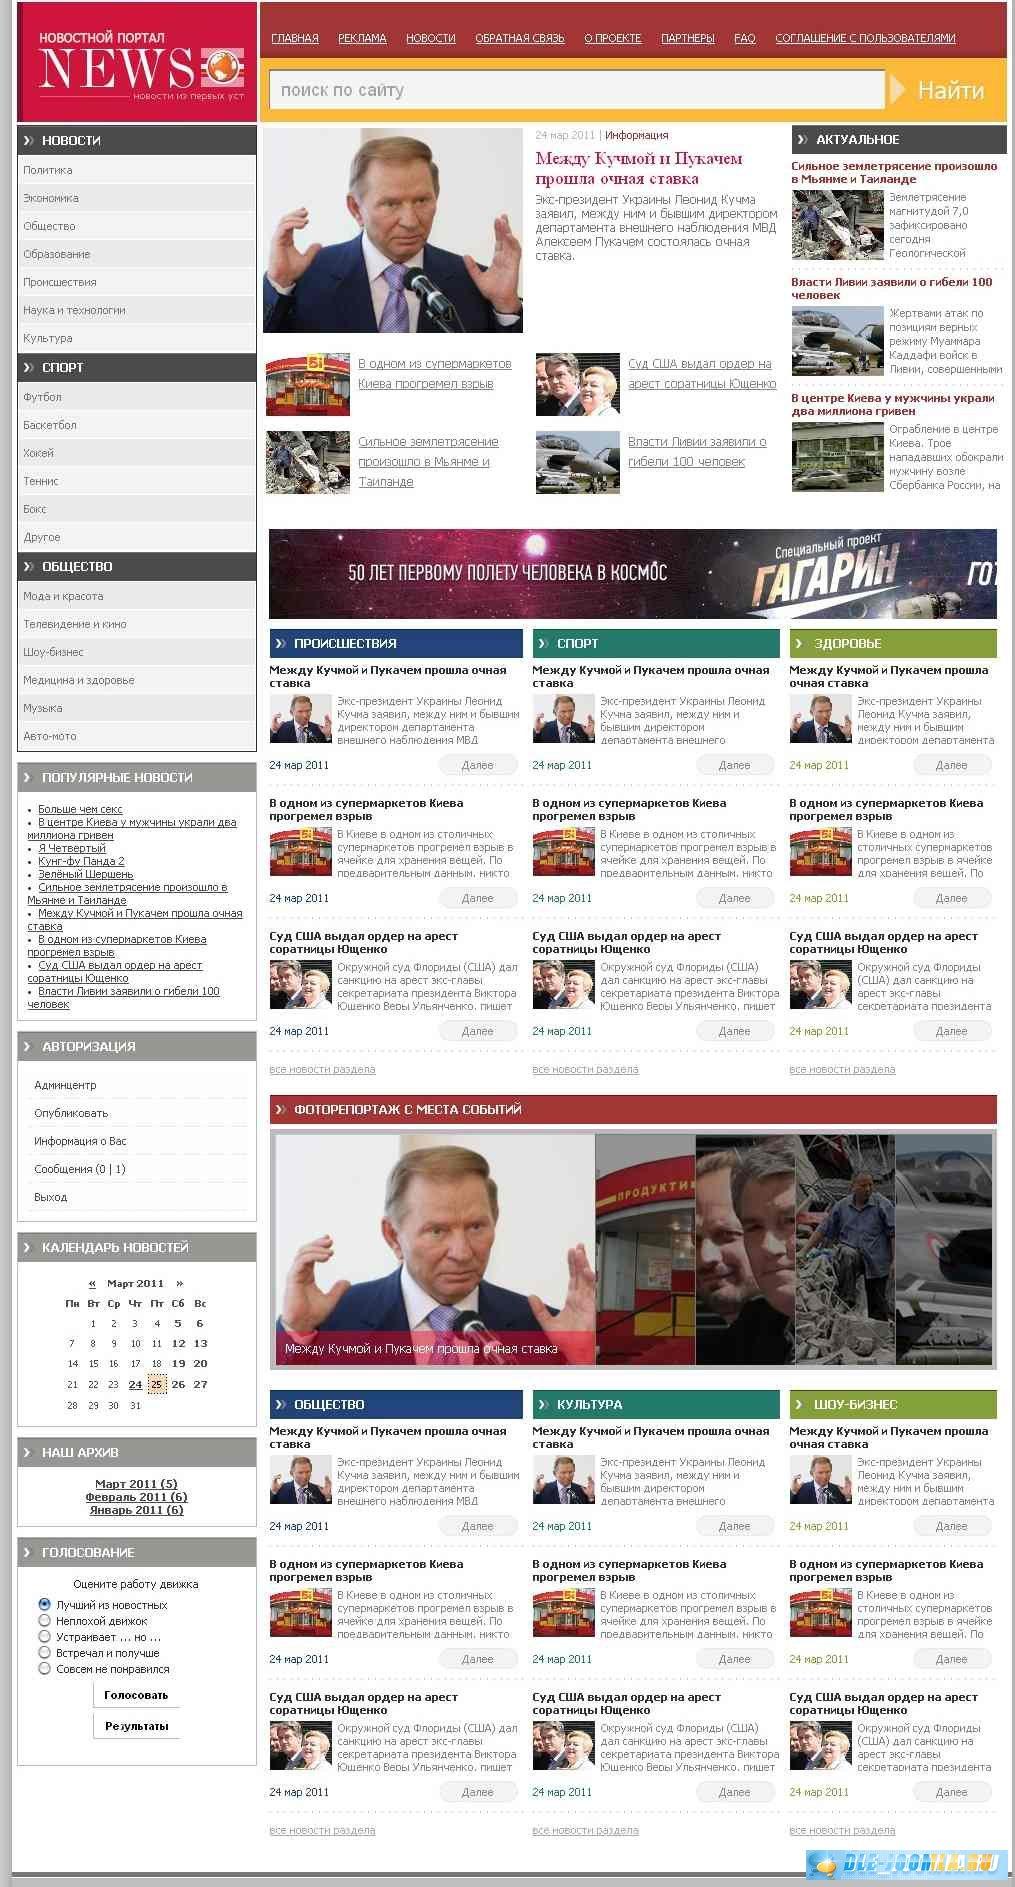 Как сделать картинку в новостях сайта